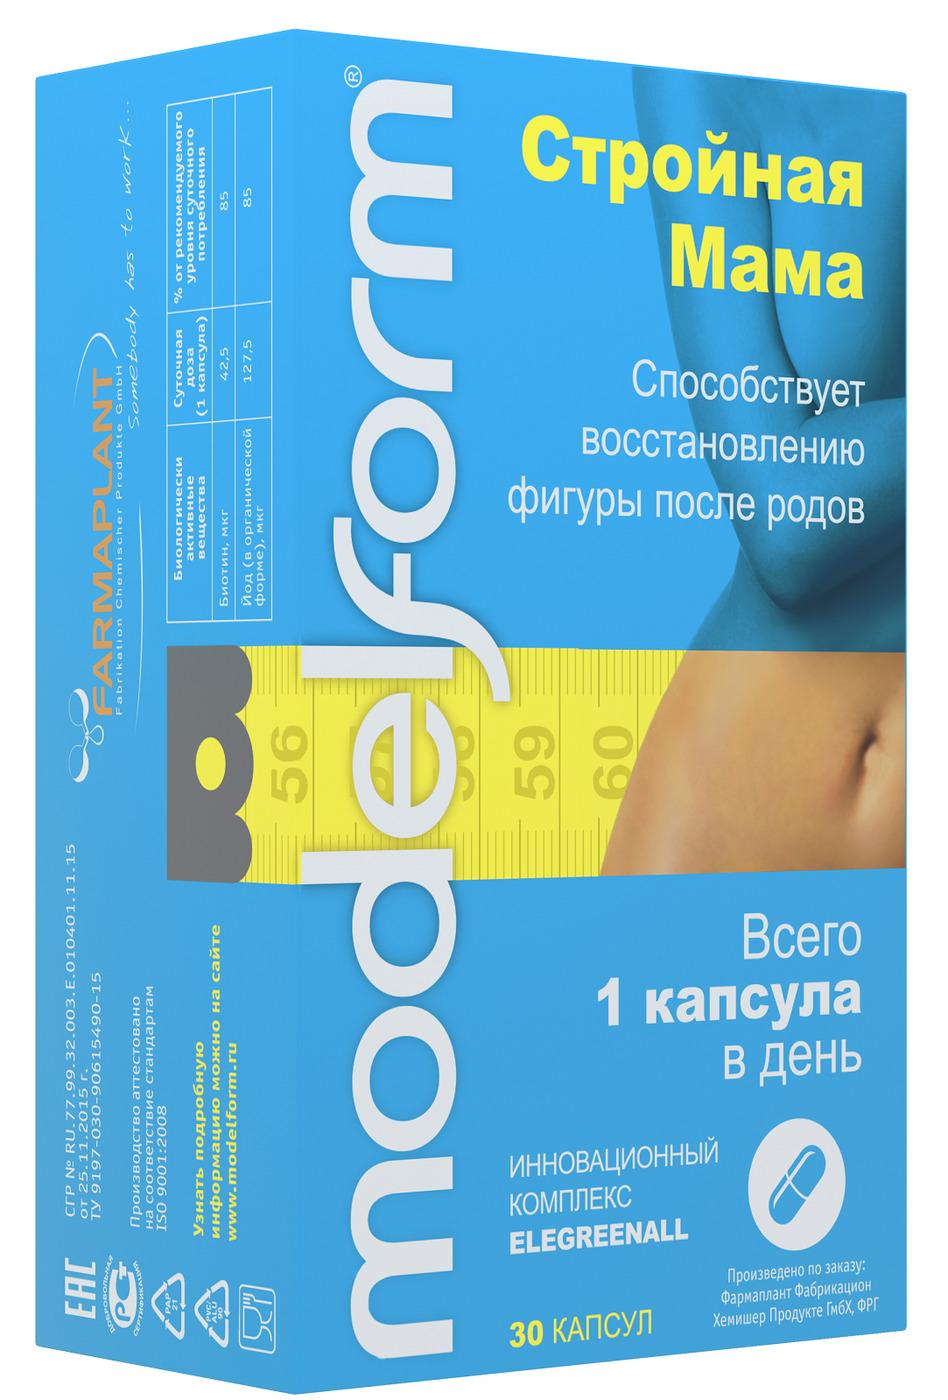 Препараты Для Похудения Эффективные И Безопасные Отзывы. Таблетки для похудения эффективные недорогие в аптеки отзывы и цены